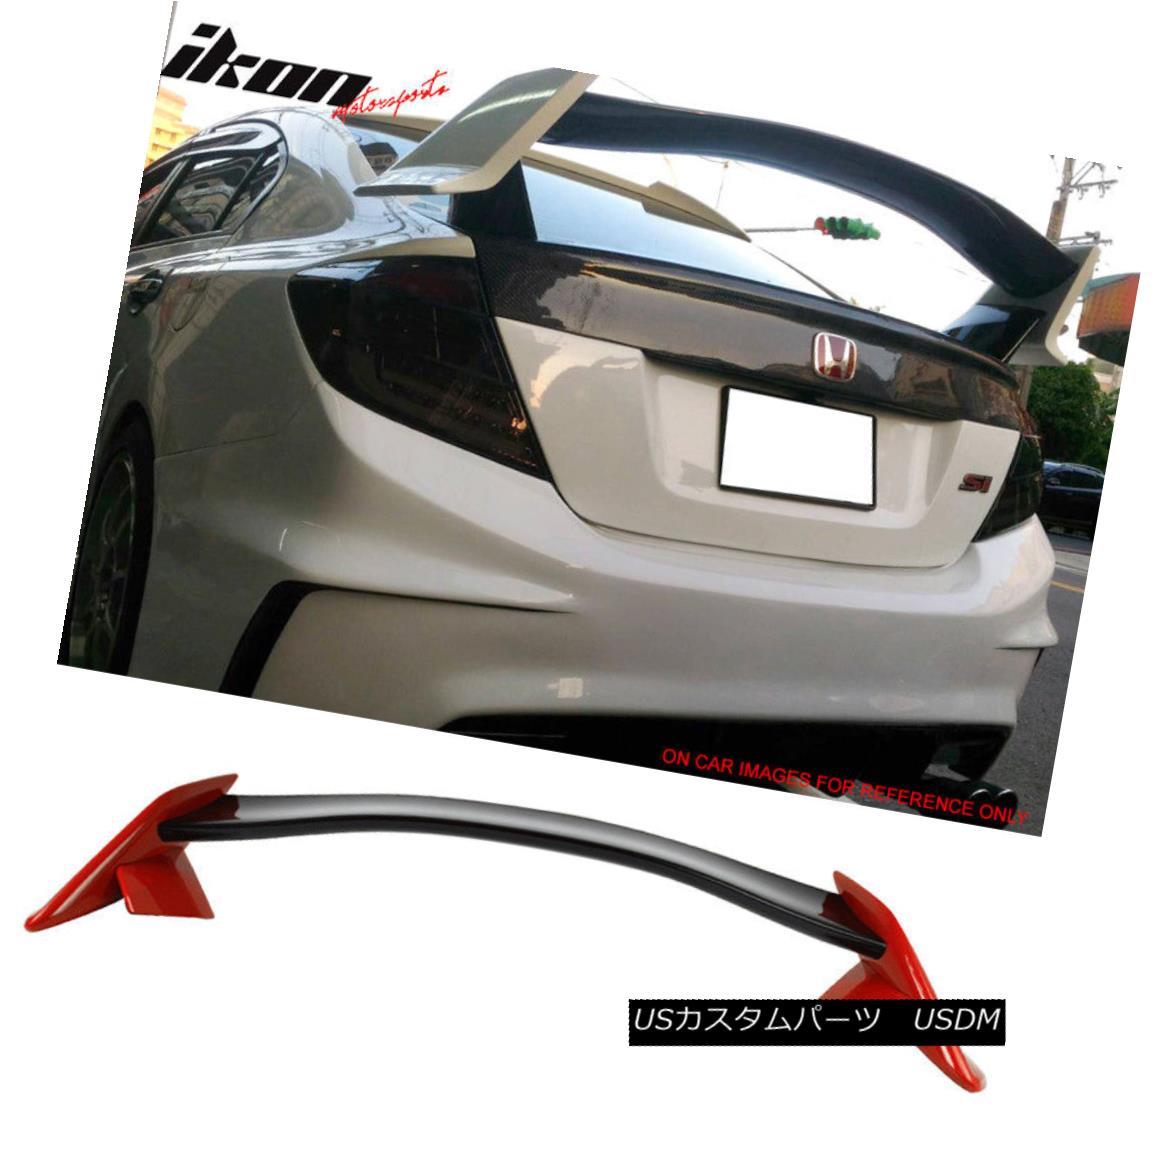 エアロパーツ Fits 12-15 Civic 9th Type R Trunk Spoiler Painted Glossy Black & Rallye Red フィット12-15シビック9thタイプRトランクスポイラー塗装光沢ブラック& ラリーレッド